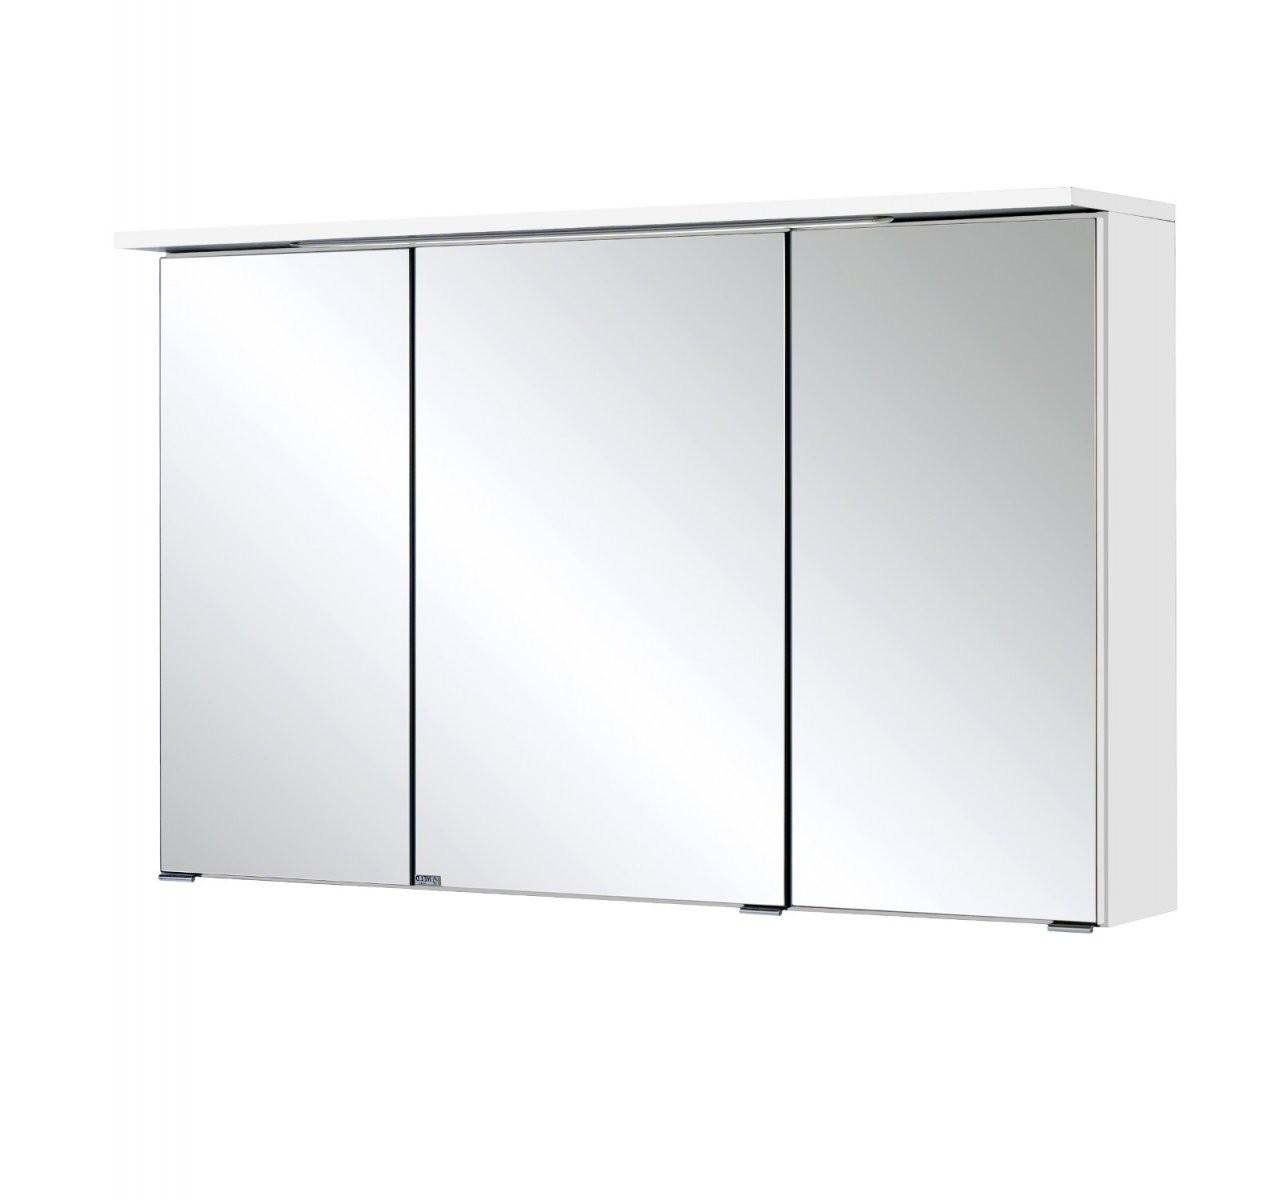 Badspiegelschrank Bologna  3Türig Mit Ledlichtleiste  100 Cm von Bad Spiegelschrank 100 Cm Breit Bild